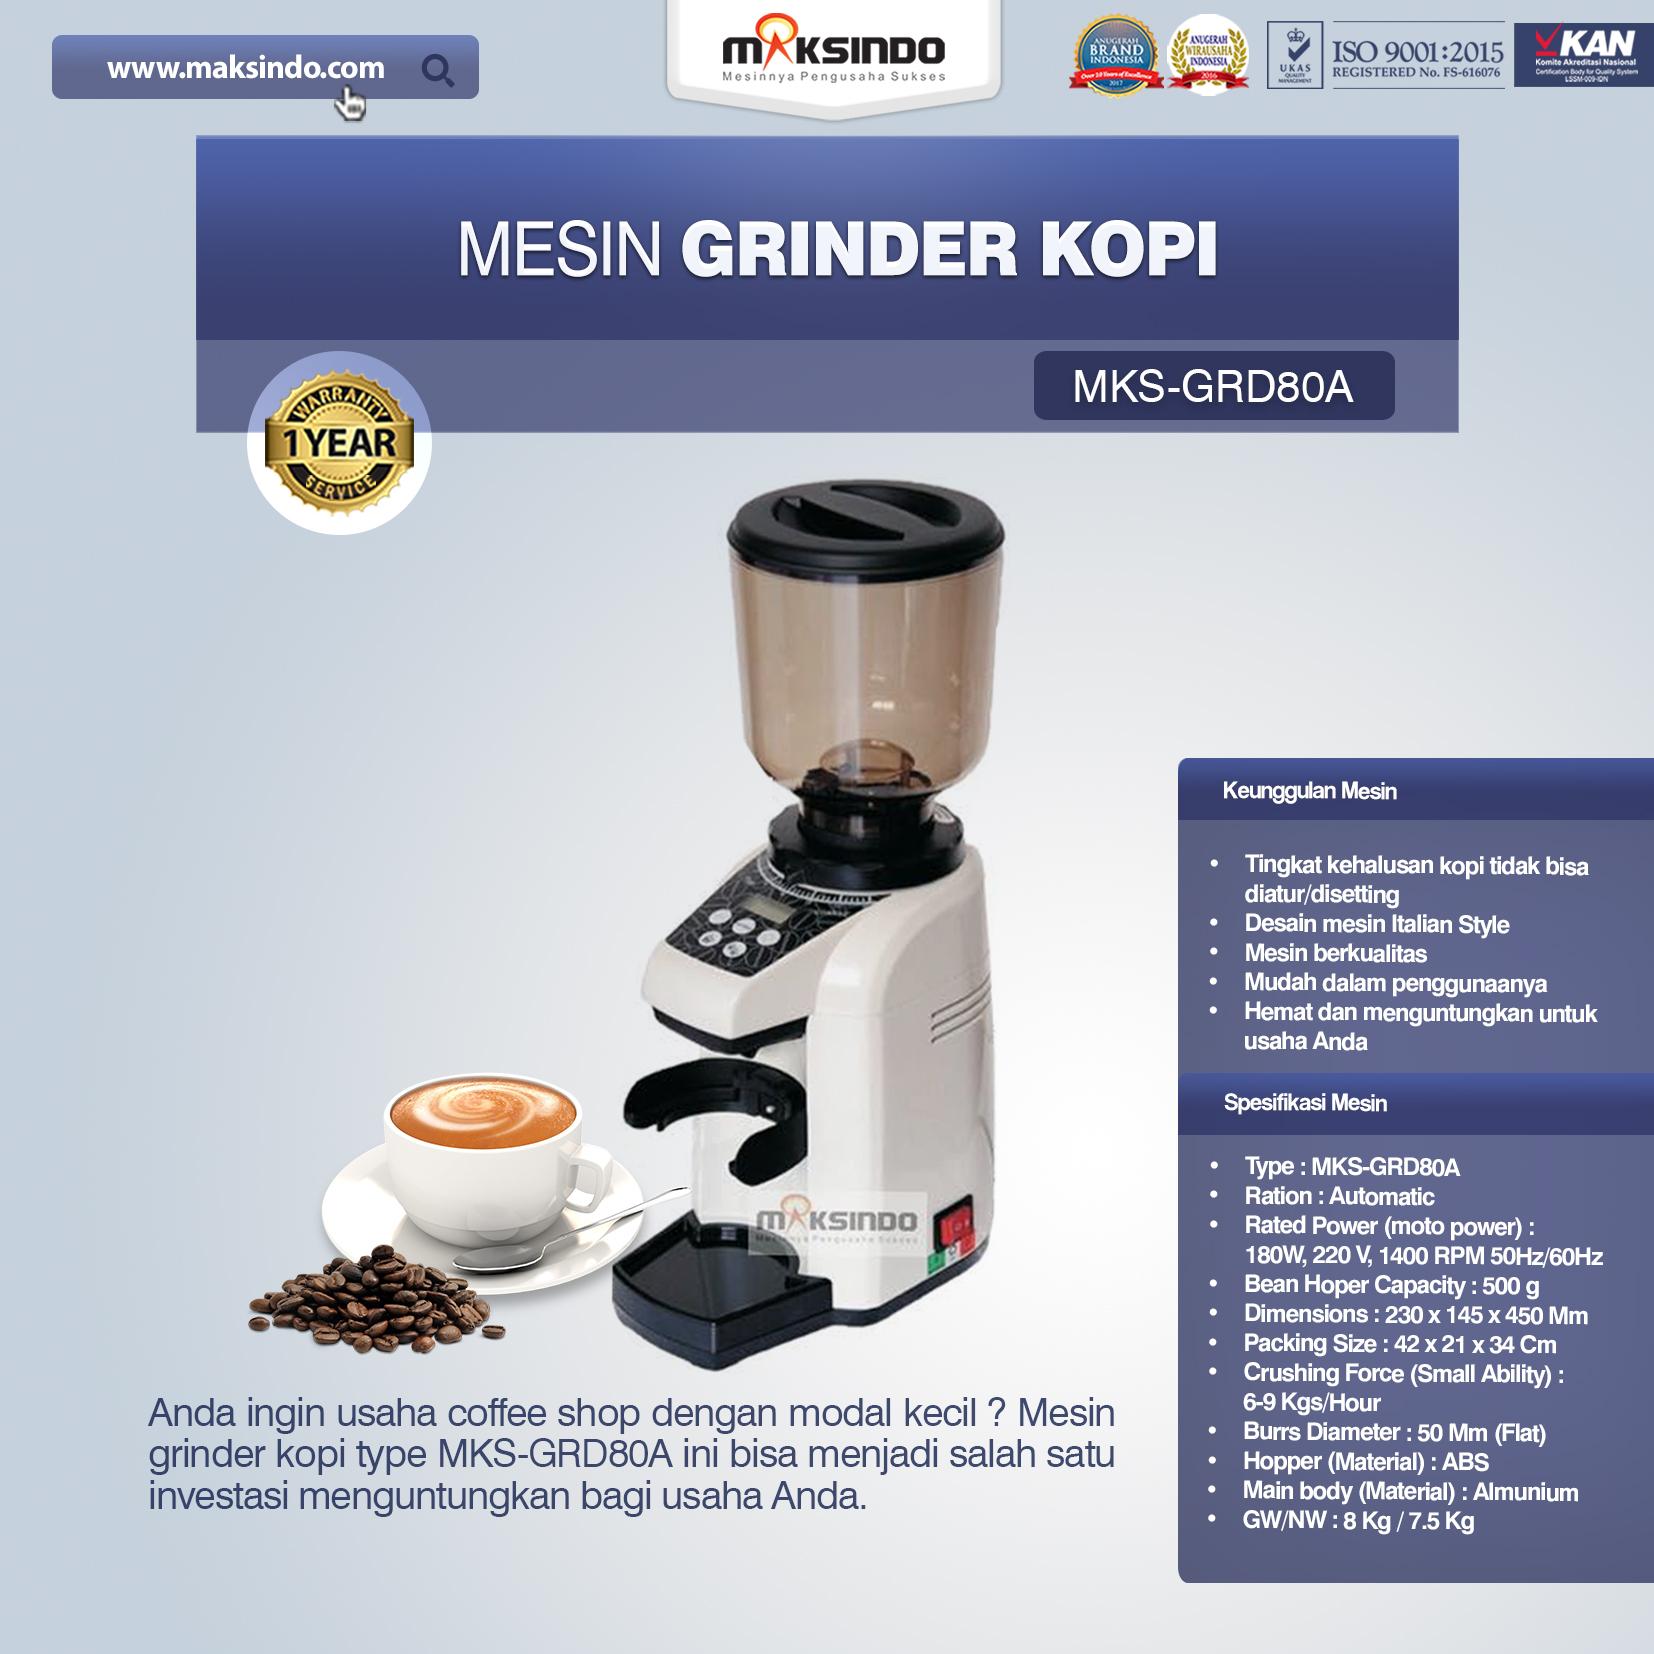 Jual Mesin Grinder Kopi (MKS-GRD80A) di Mataram